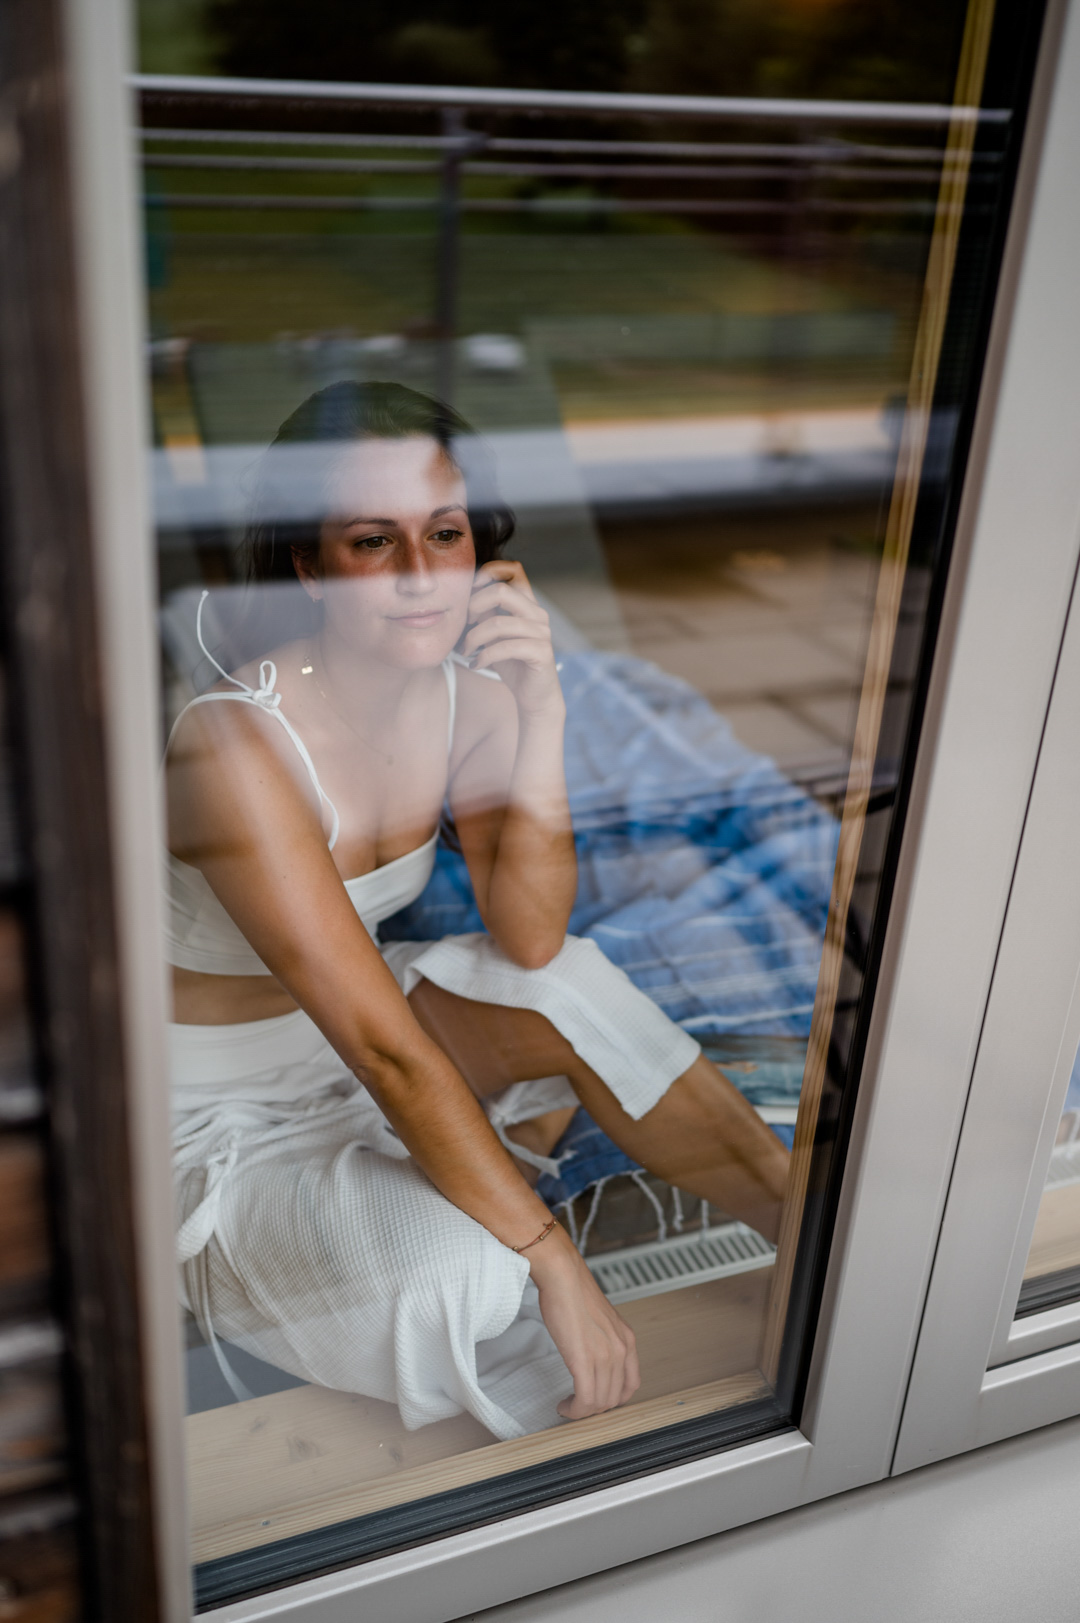 Momentan stellen sich viele die Frage: In den Ferien wegfahren, oder doch lieber daheim bleiben? Da ist so ein Tag in der Natur, samt kleiner Wanderung und ein anschließender Gang in die Sauna doch genau das Richtige, um abzuschalten. Denn das geht ganz easy in der Heimat. Für alle, die sich fragen, wie und ob Sauna in Corona-Zeiten überhaupt geht, habe ich einen ausführlichen Beitrag auf meinem Lifestyle Blog www.piecesofmariposa.com dazu verfasst.